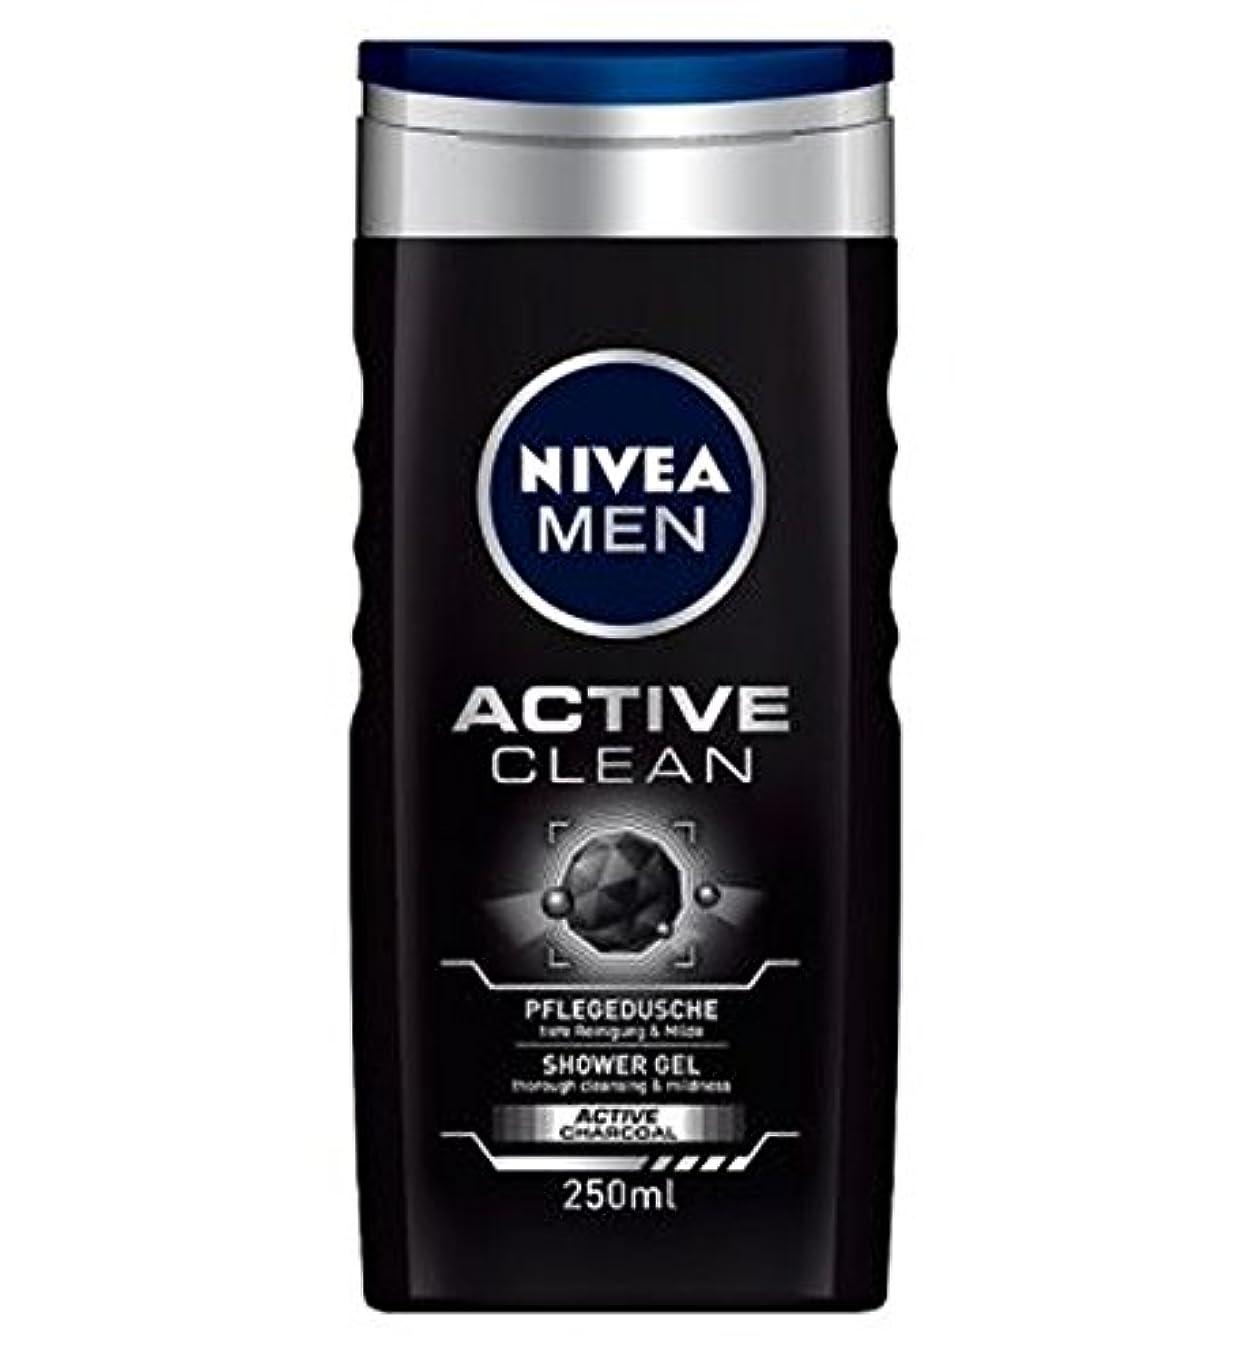 設置不誠実助けになるニベアの男性アクティブクリーンシャワージェル250ミリリットル (Nivea) (x2) - NIVEA MEN Active Clean Shower Gel 250ml (Pack of 2) [並行輸入品]